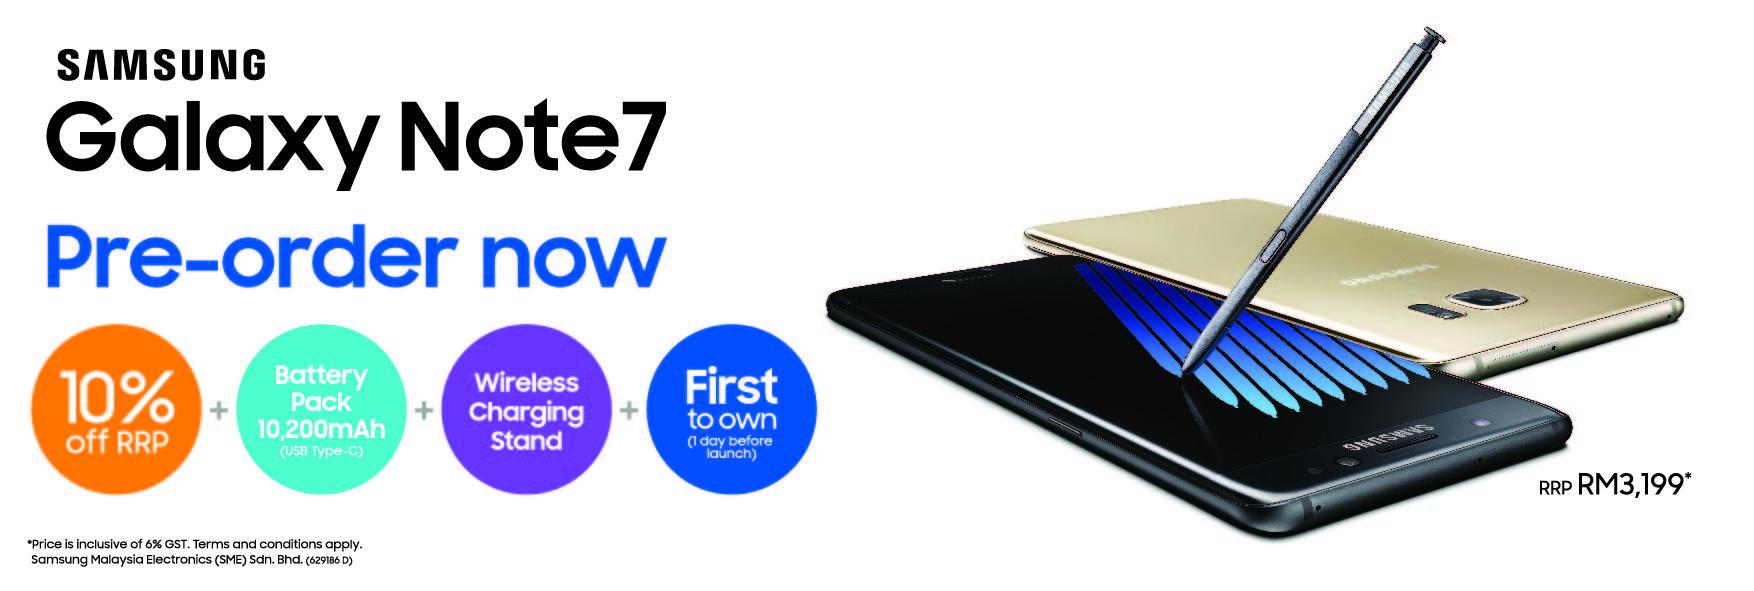 Samsung Galaxy Note7 Pre-Order_2